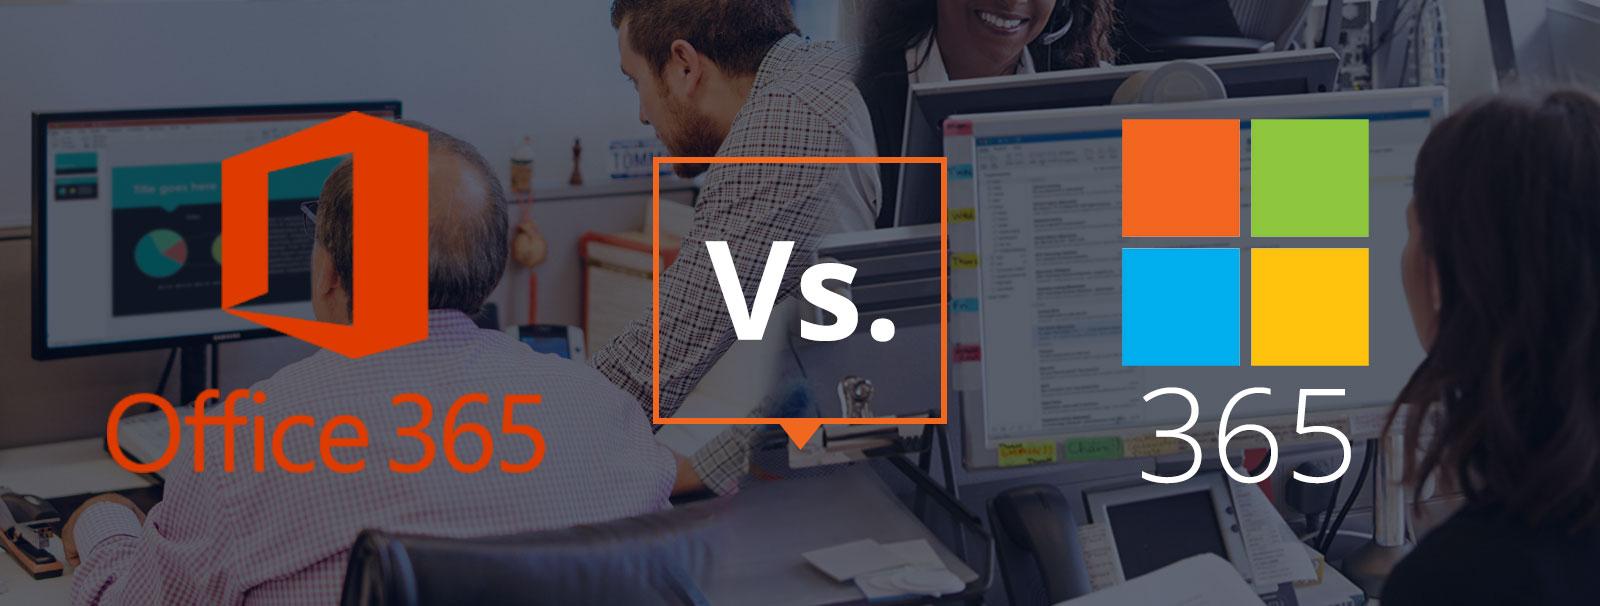 Office 365 vs. Microsoft 365